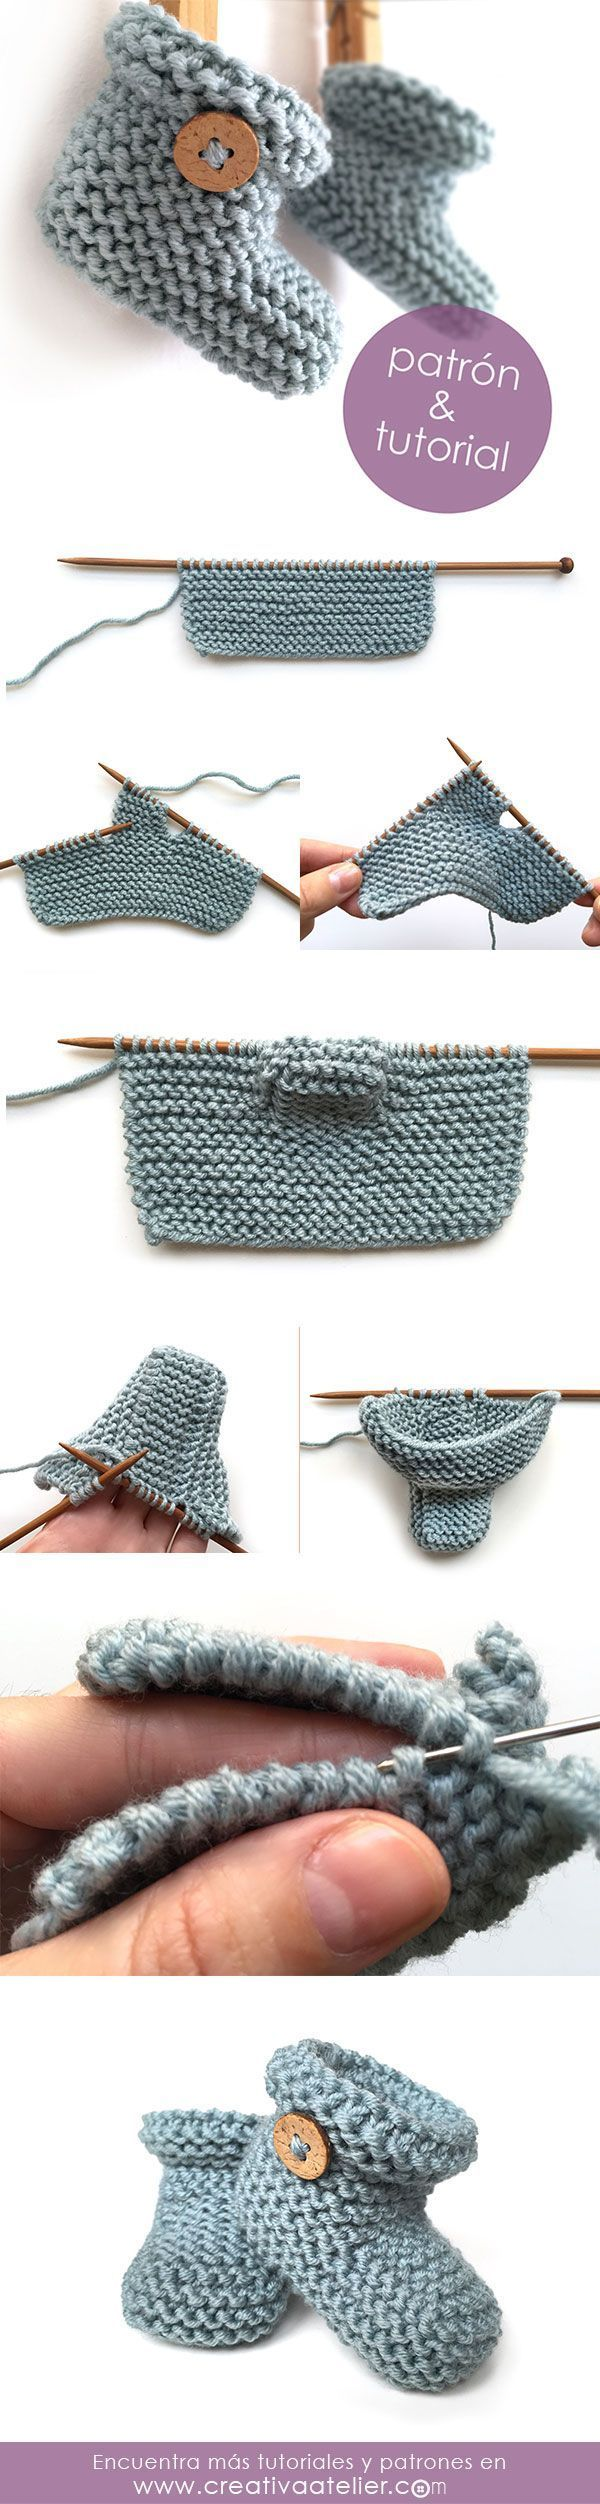 Patucos de punto sencillos - Tutorial y patrón - Simple Knitted Baby ...